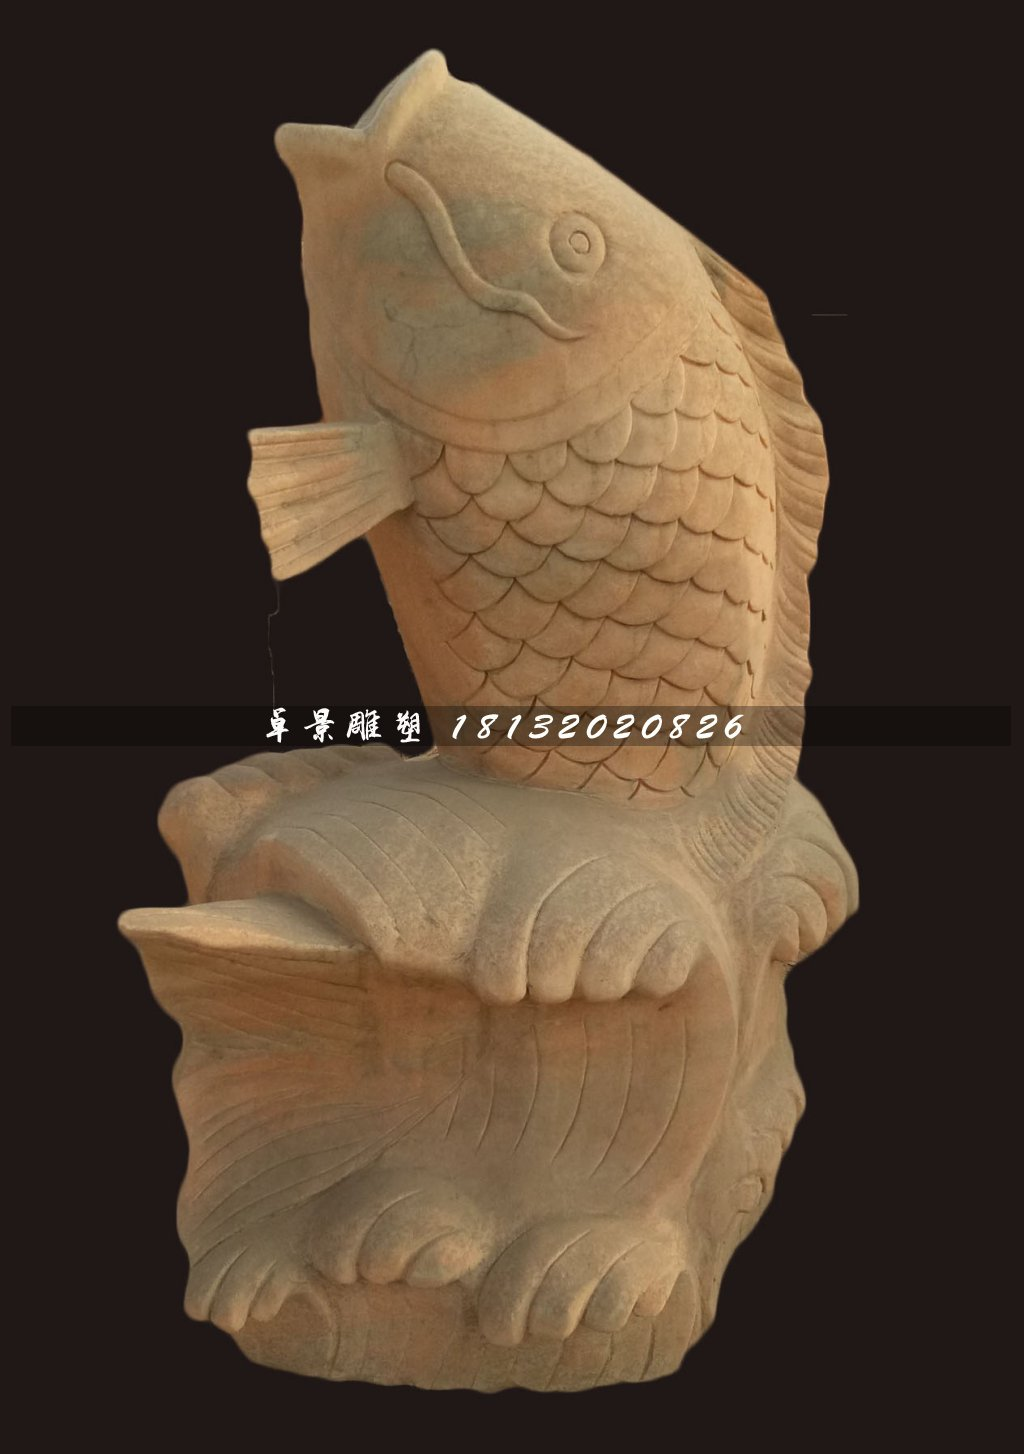 石雕鱼,晚霞红喷水鱼石雕